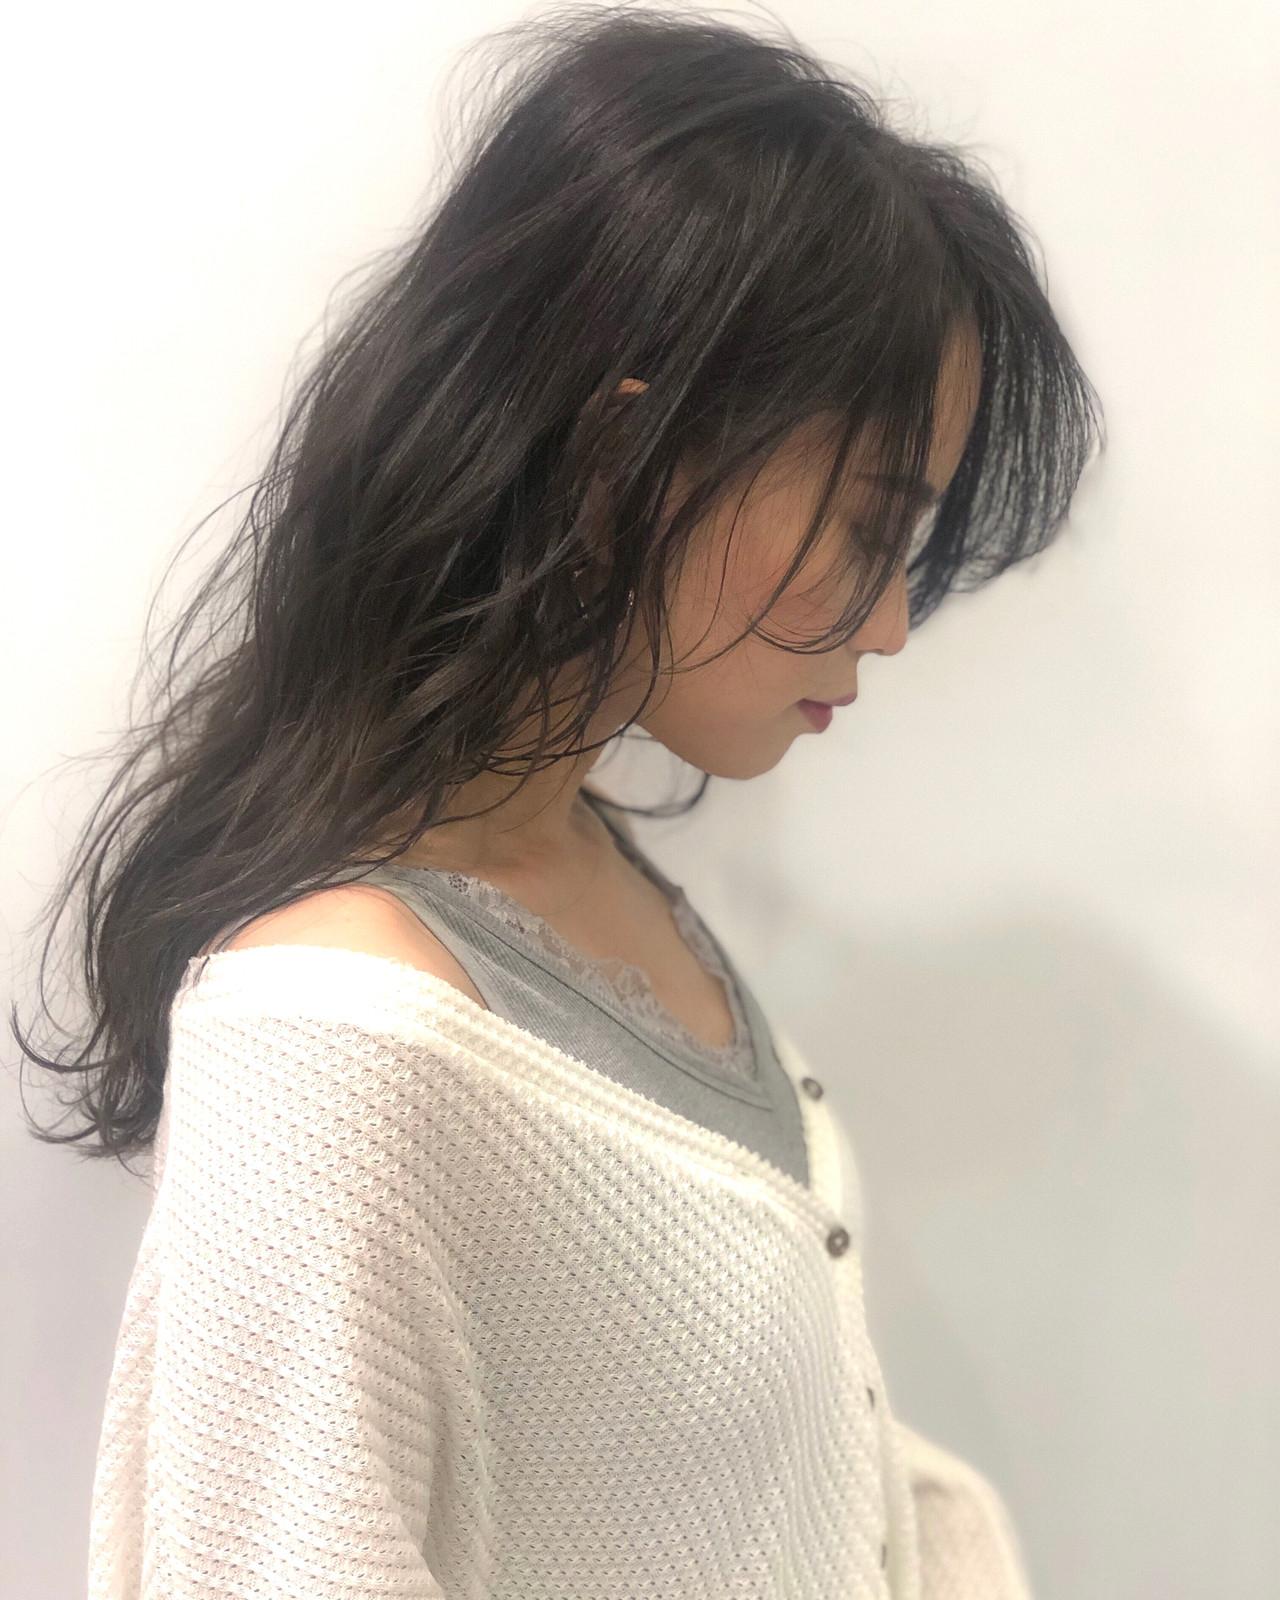 ナチュラル セミロング 波ウェーブ グレージュ ヘアスタイルや髪型の写真・画像